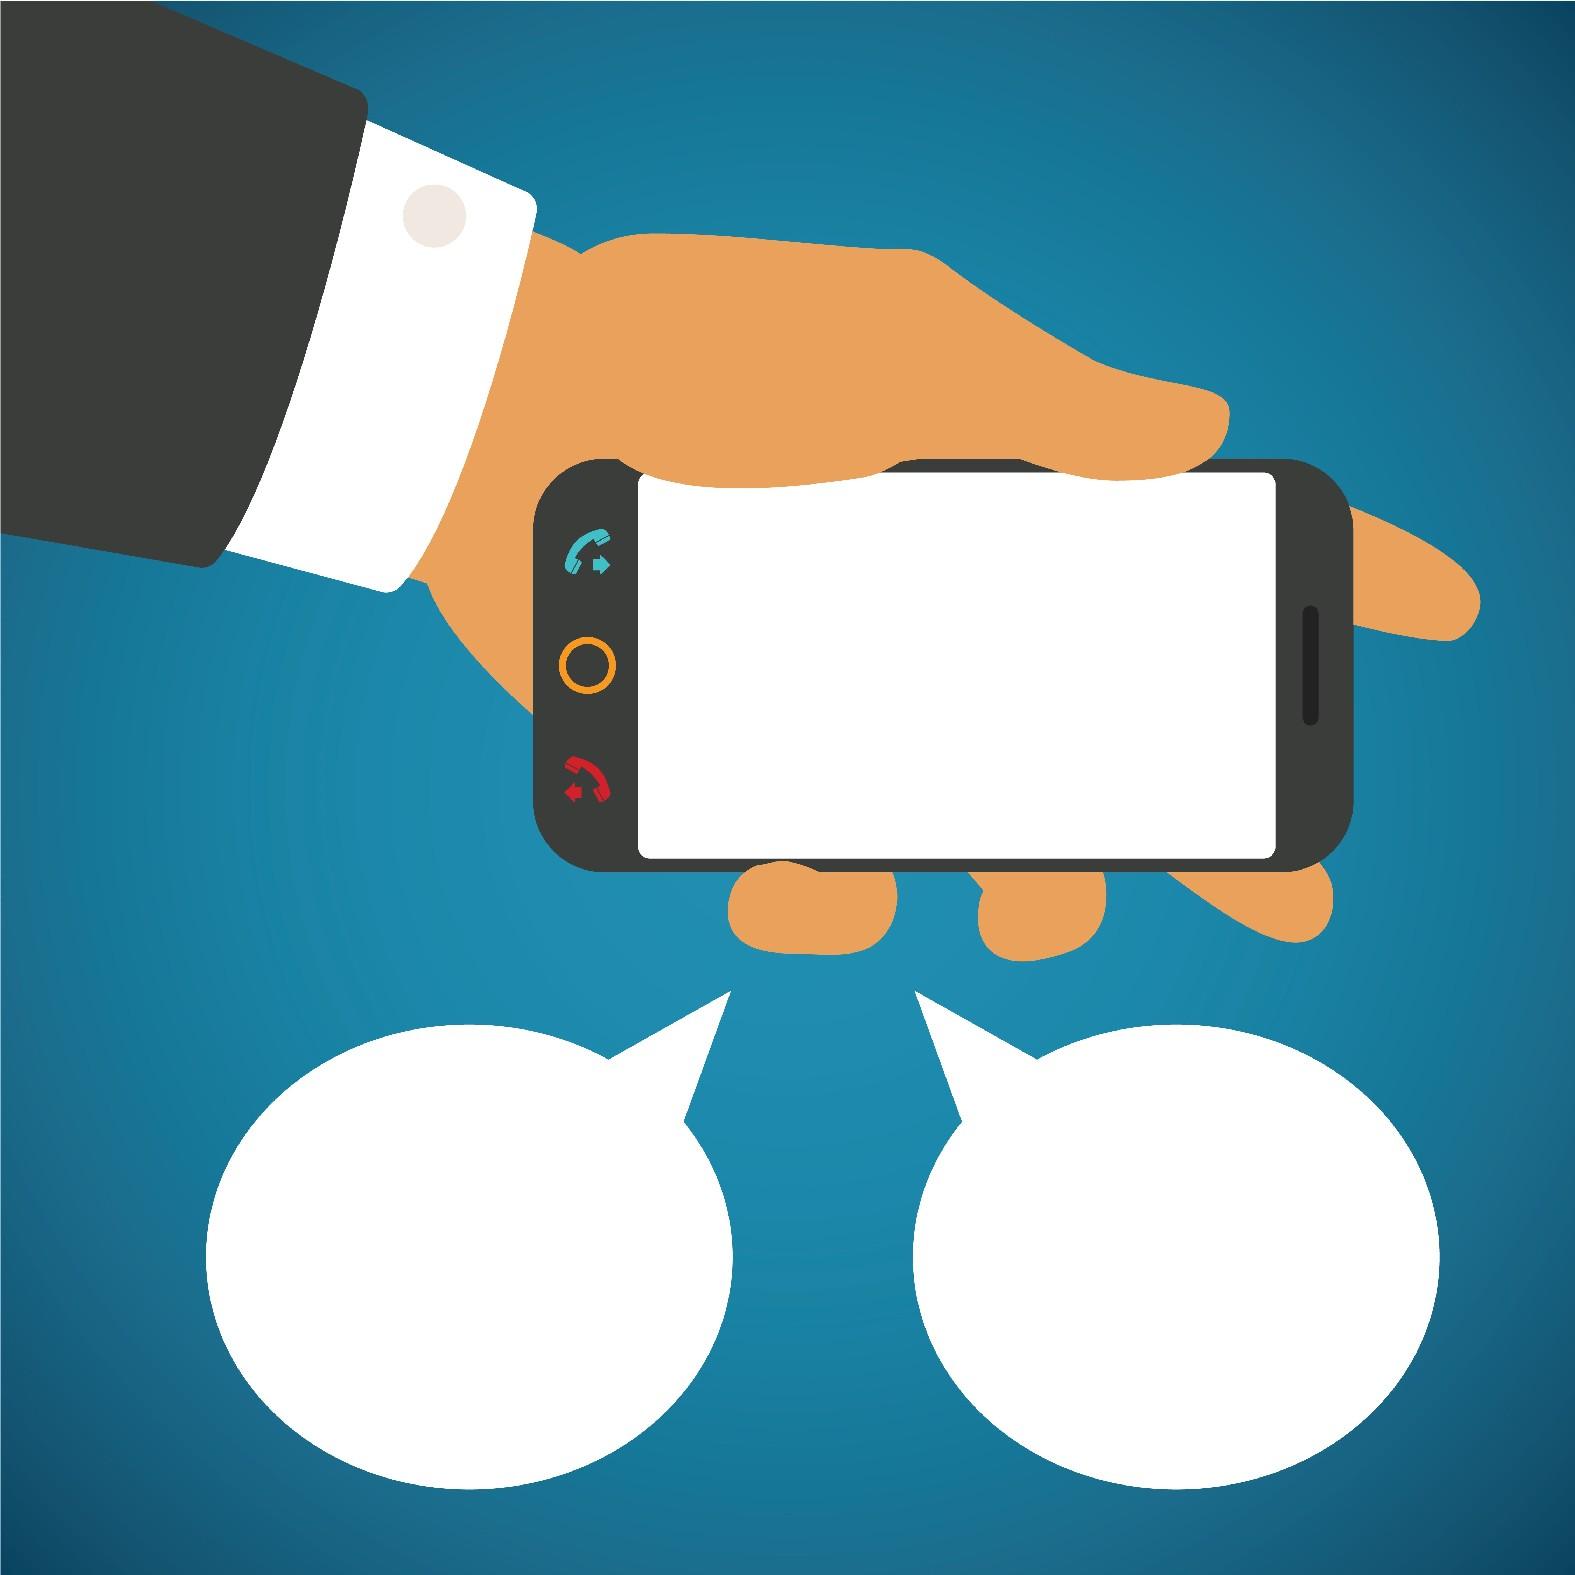 Aplicaciones móviles para eventos